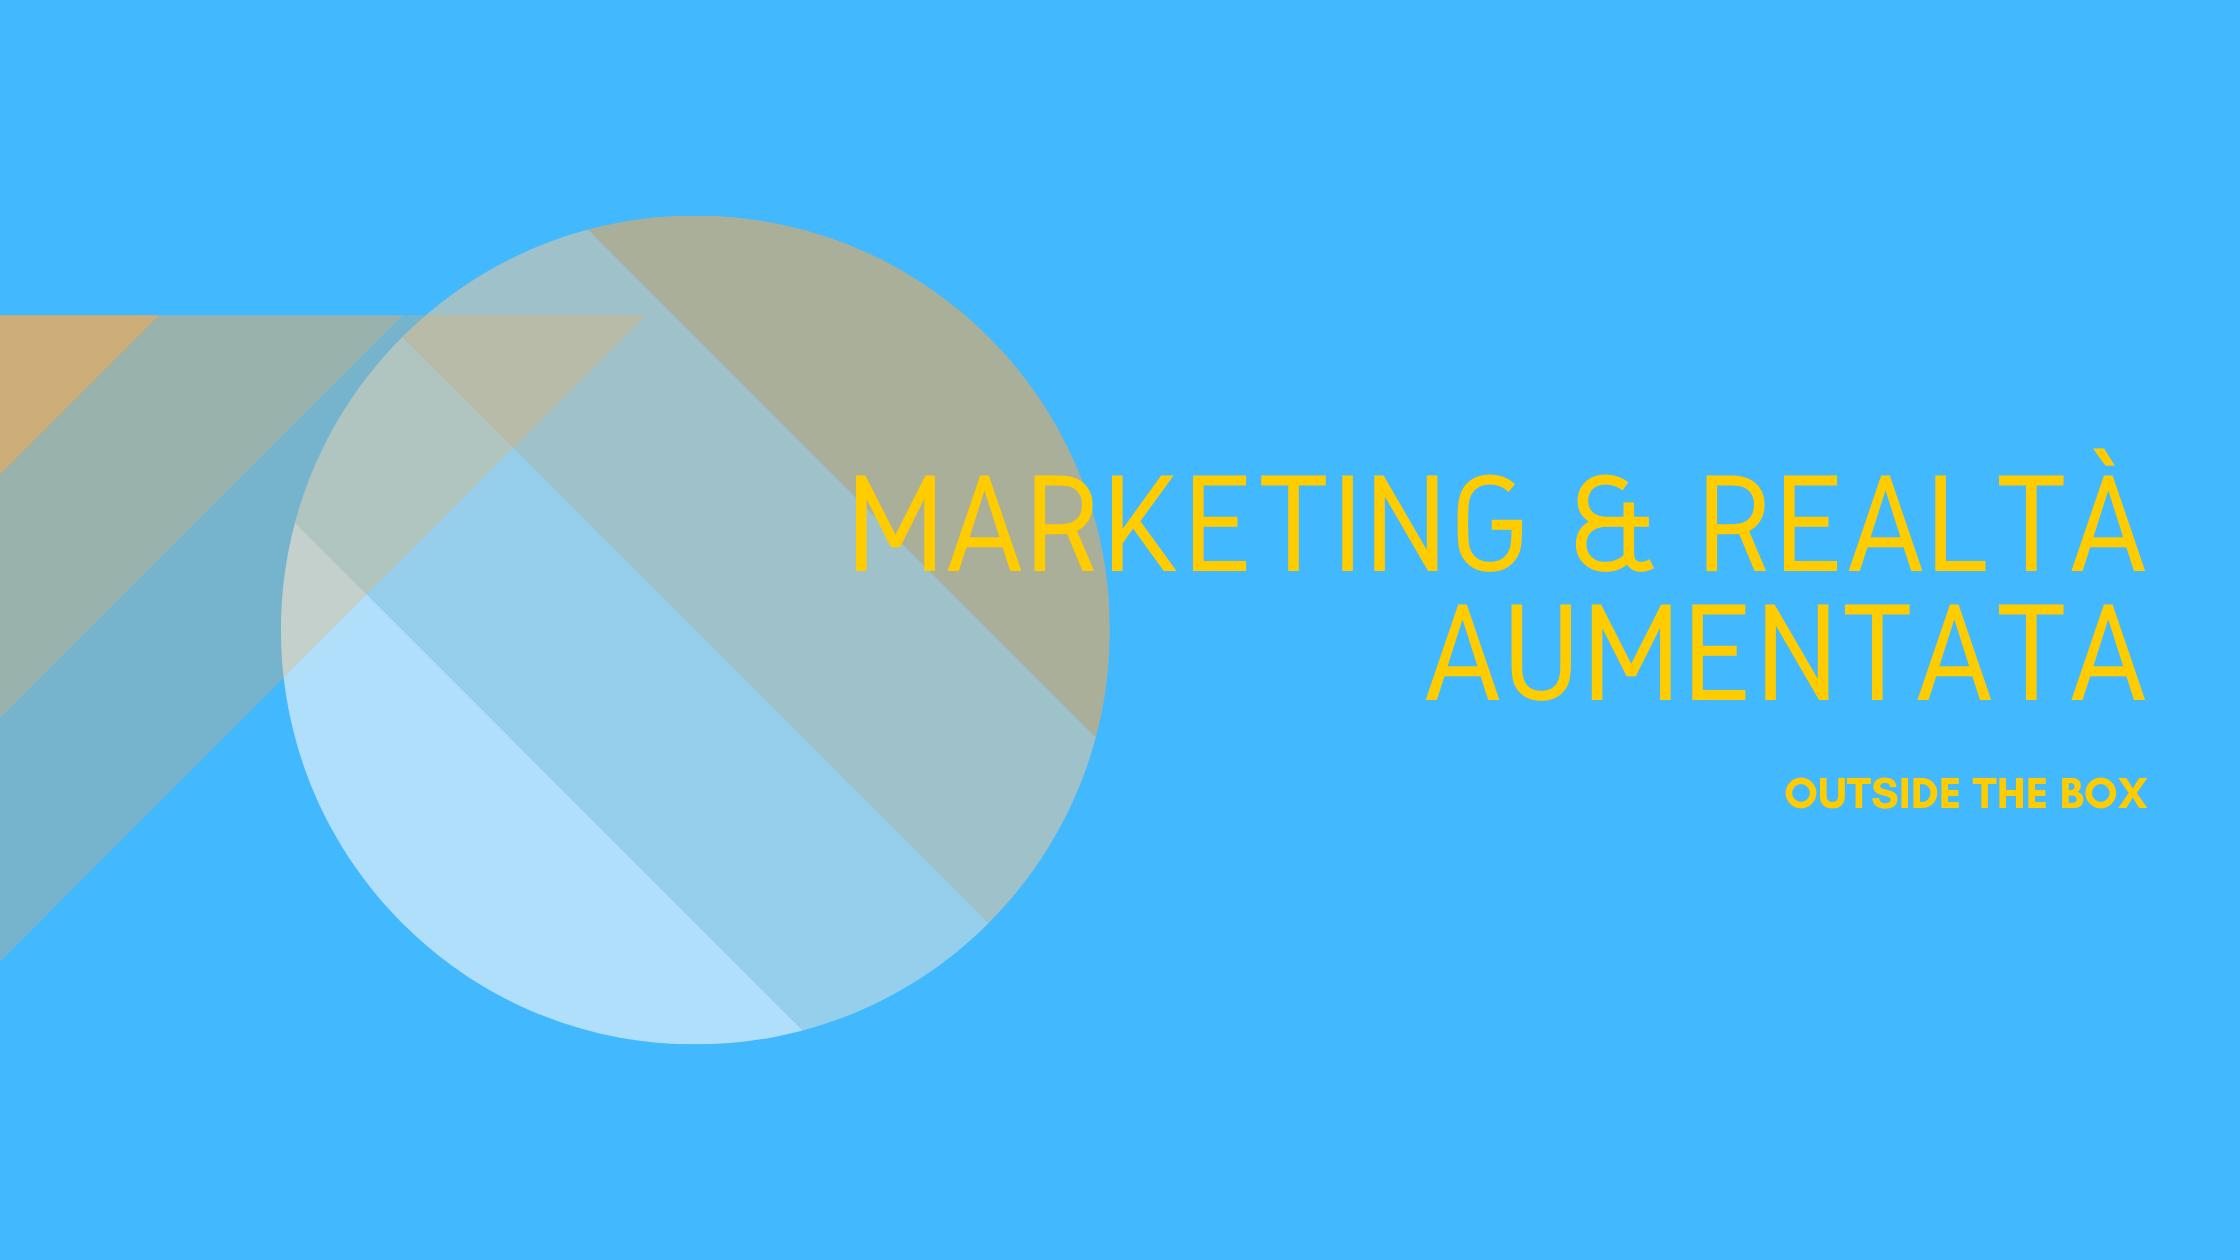 Frase con scritto Marketing & Realtà Aumentata, in giallo su sfondo blu